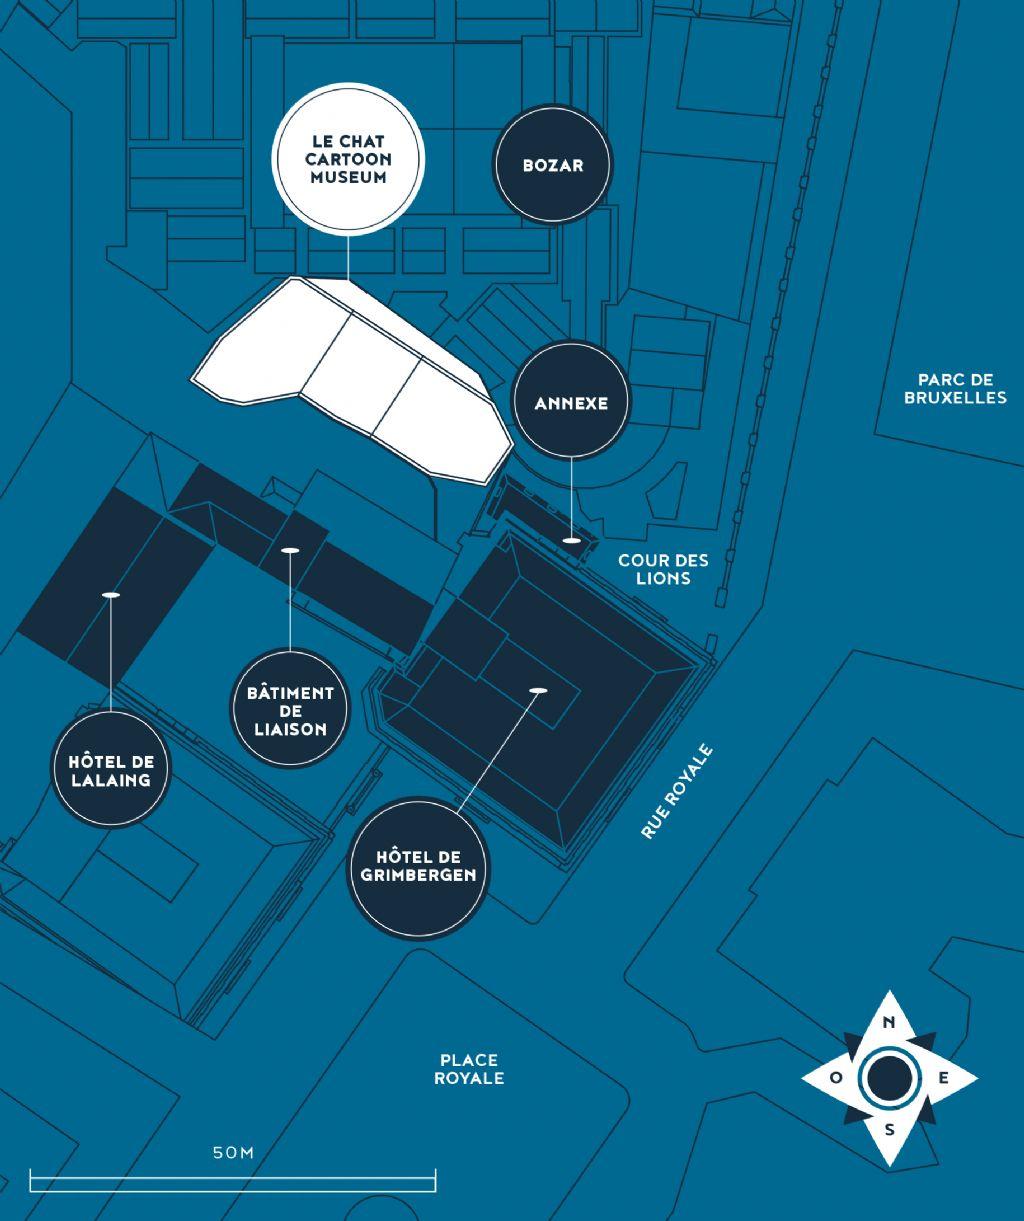 Le musée se trouvera à l'intersection de plusieurs institutions publiques et/ou culturelles